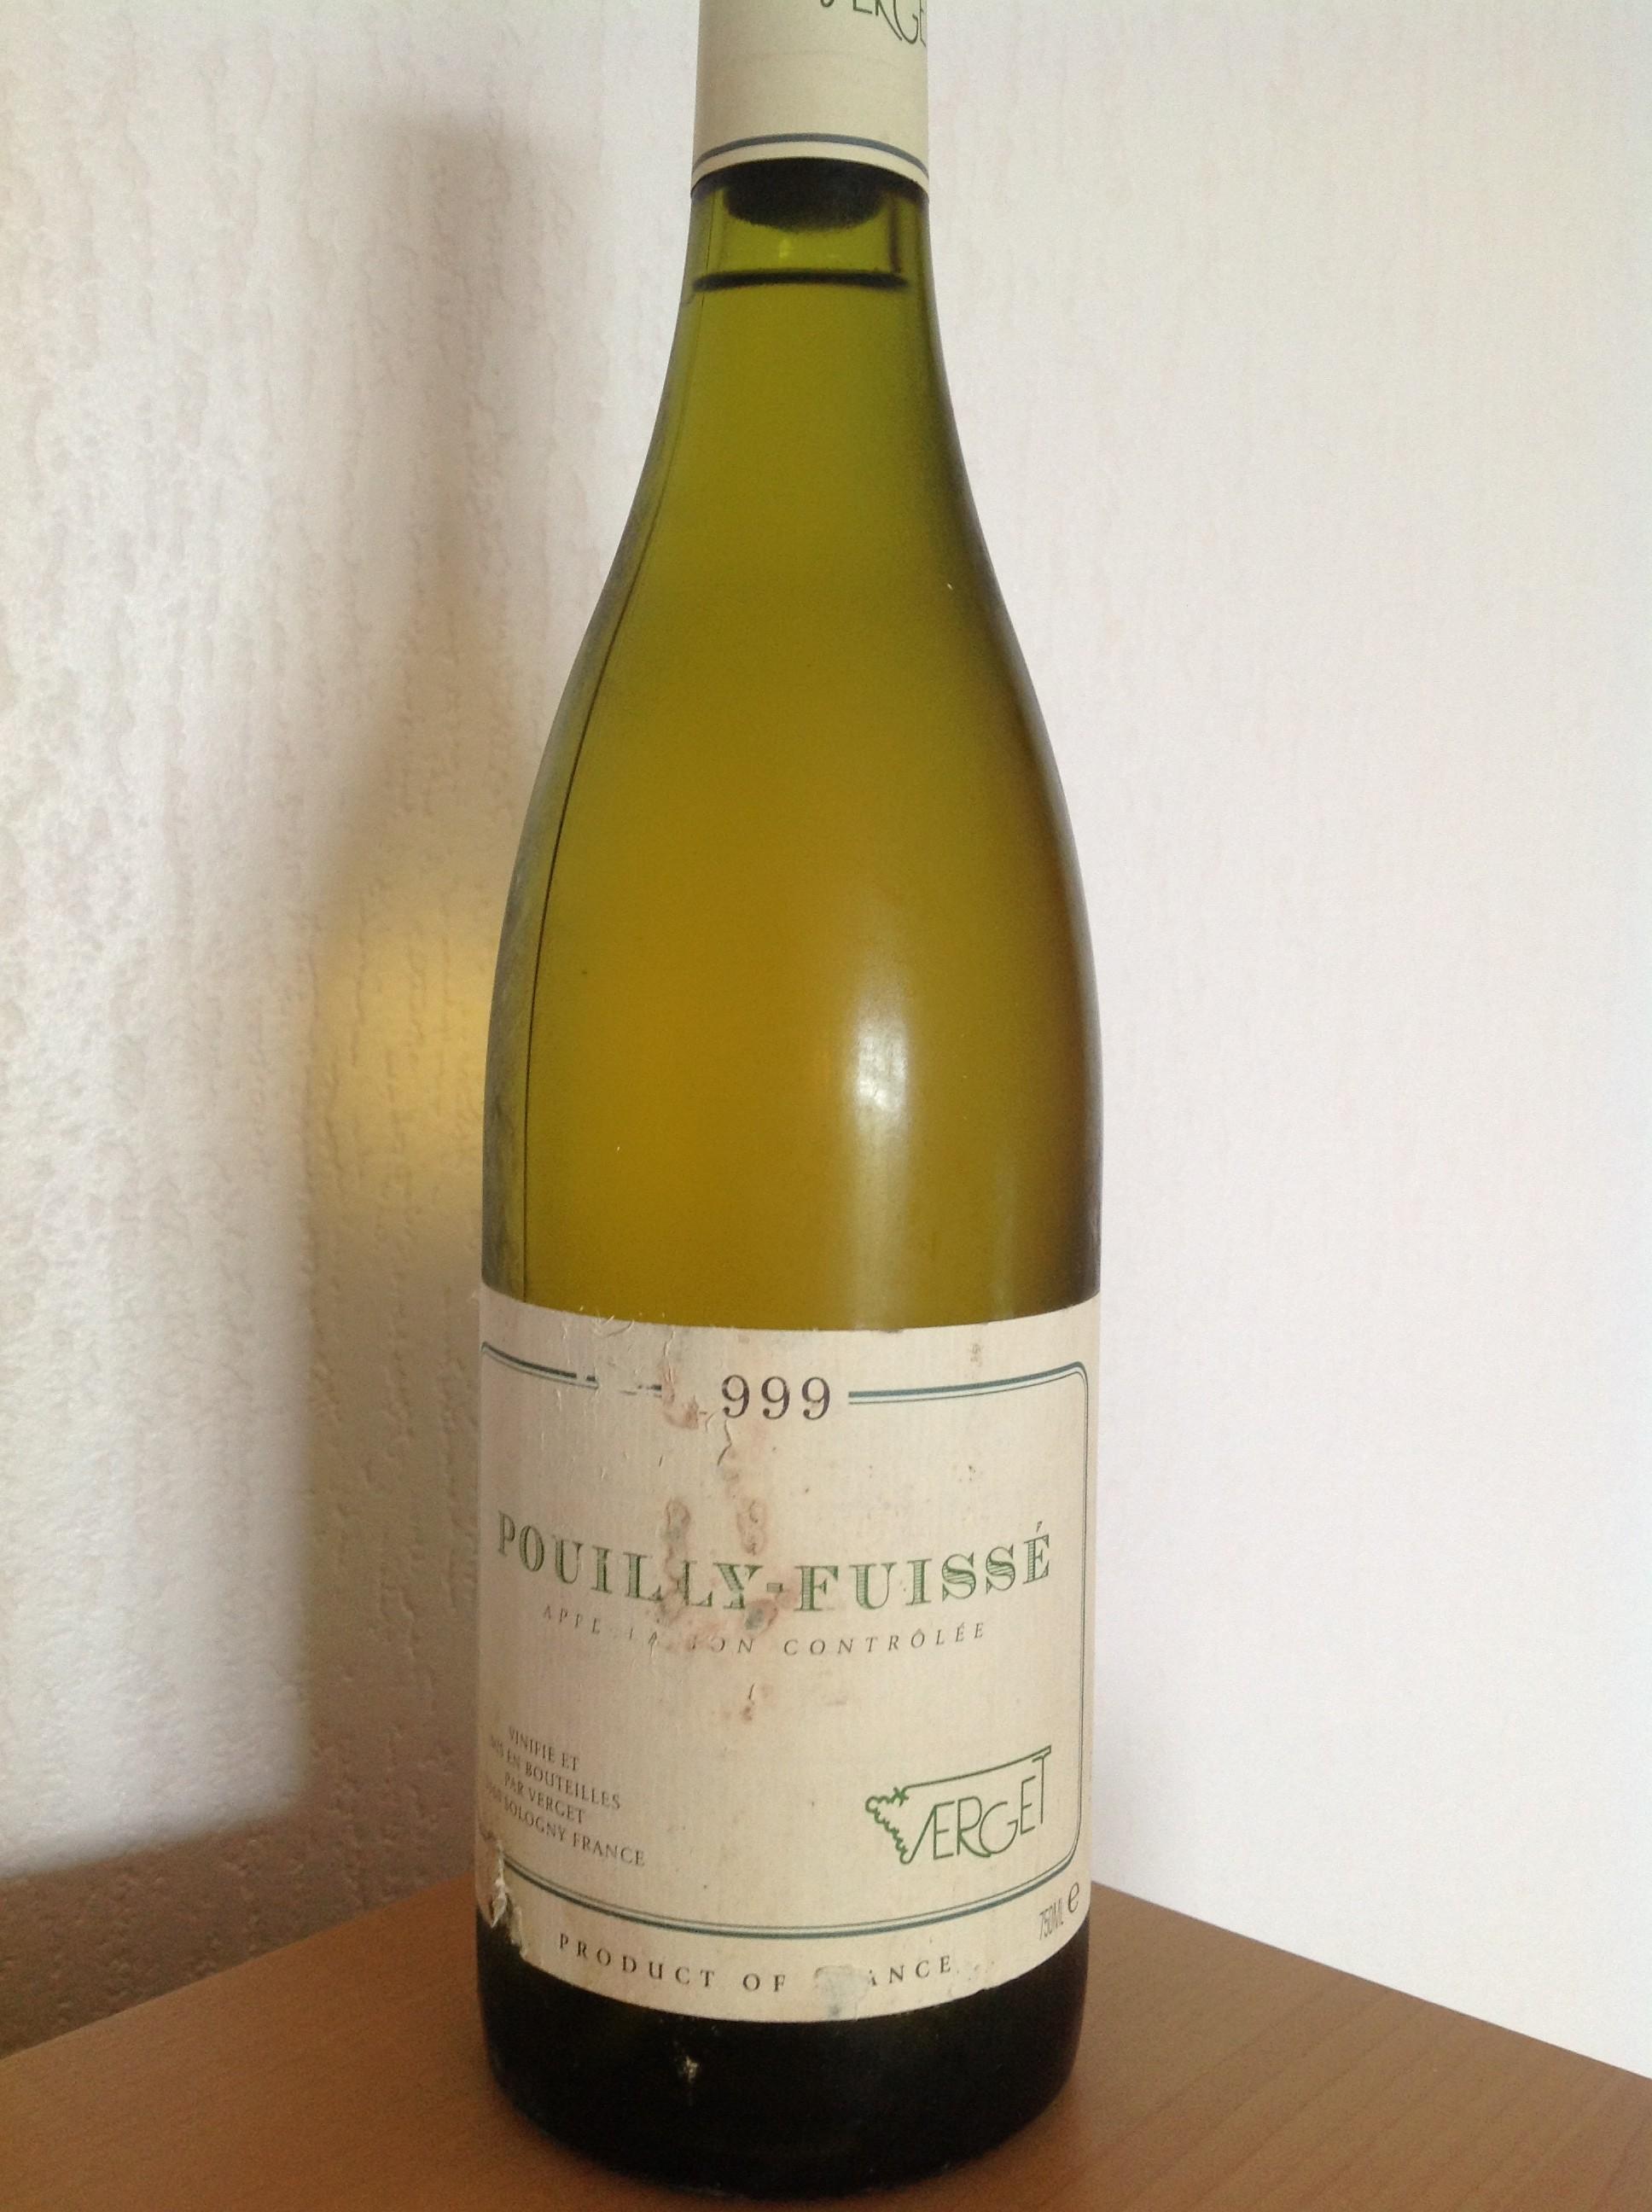 Verget pouilly-fuissé 1999